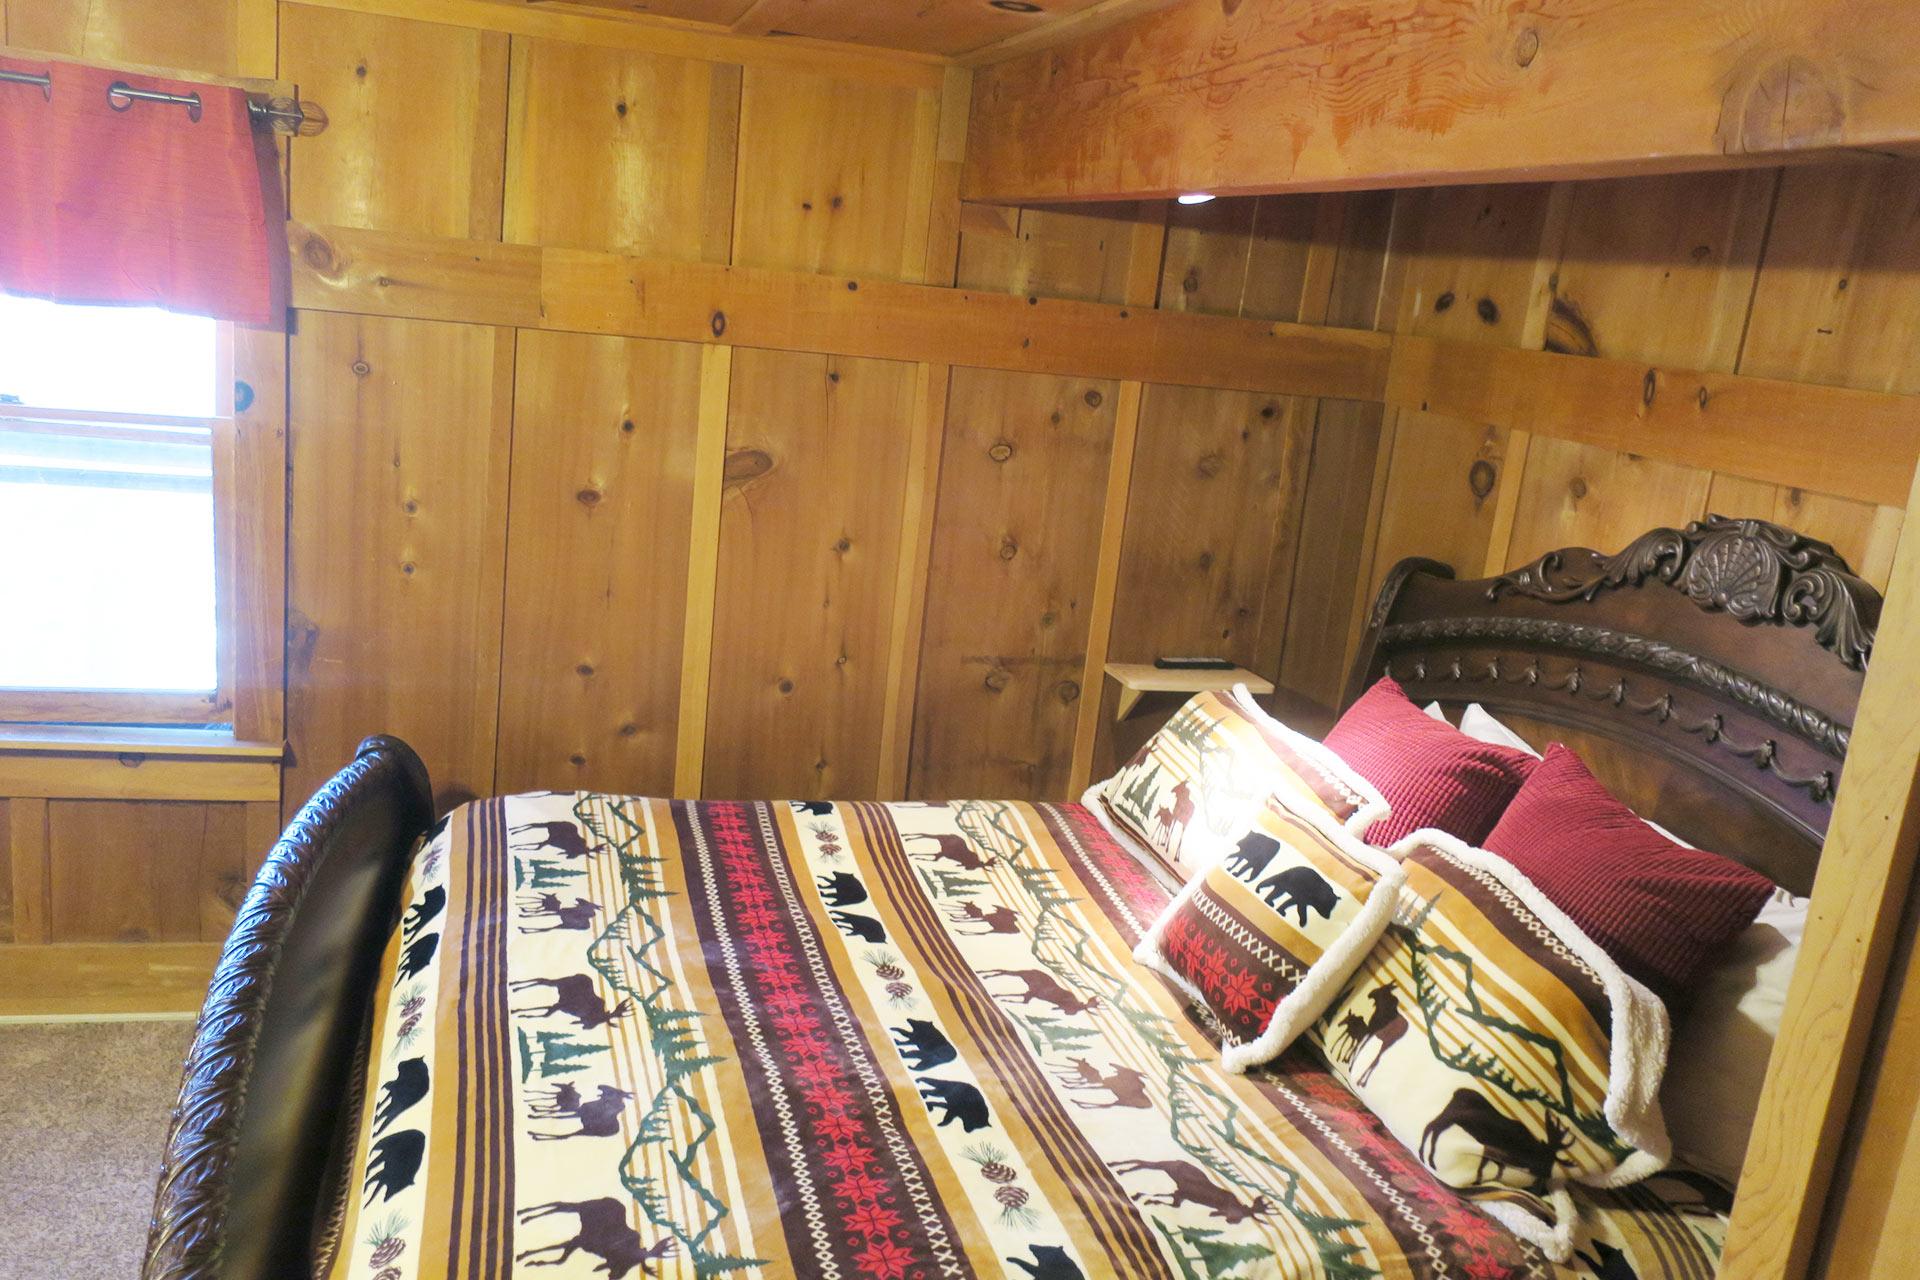 Master bedroom festive comforter in the knickerbocker mansion